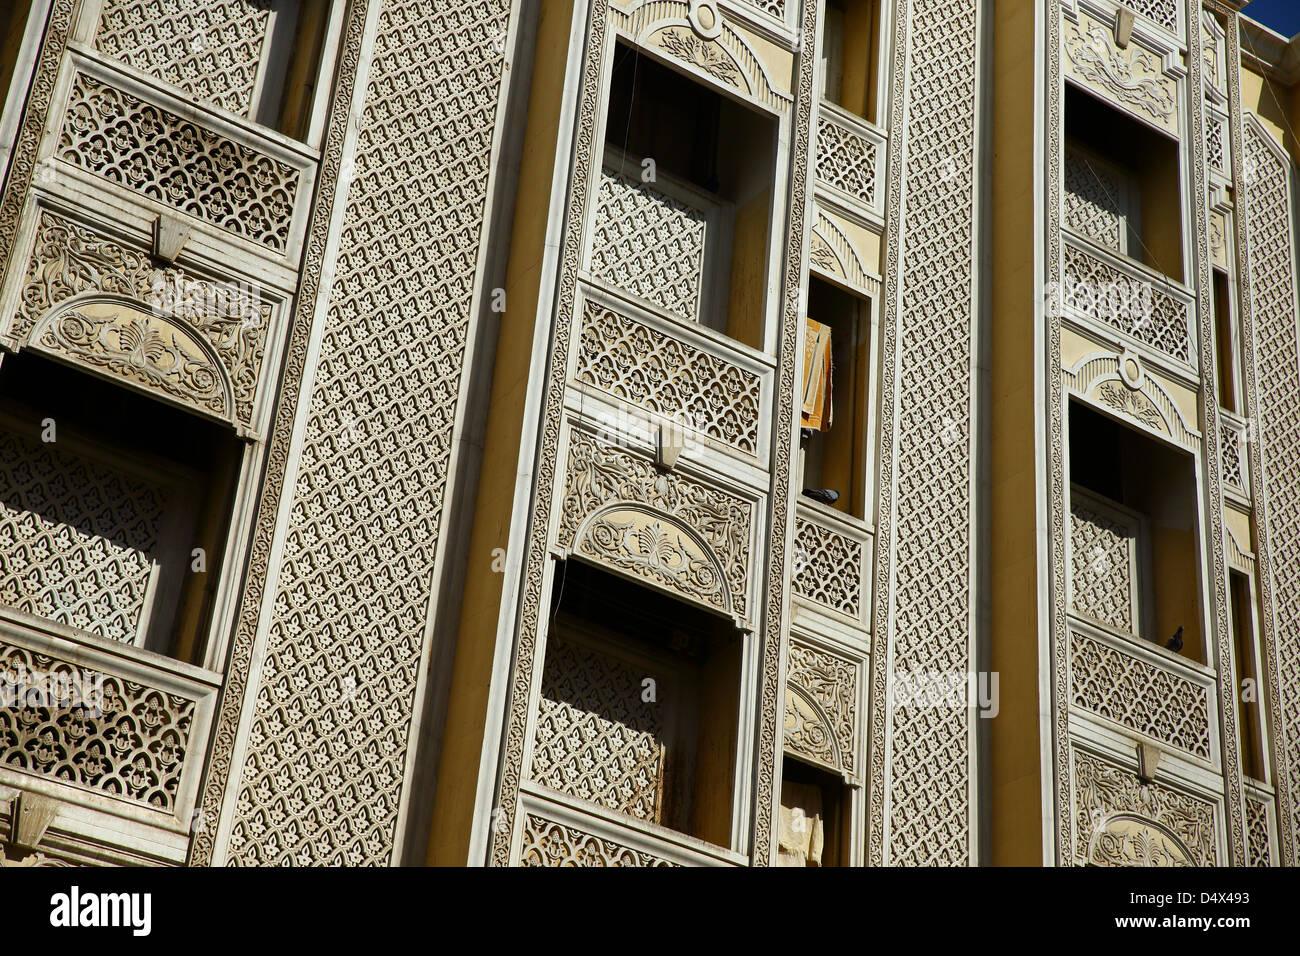 Architekturdetail, Dubai, Vereinigte Arabische Emirate Stockbild